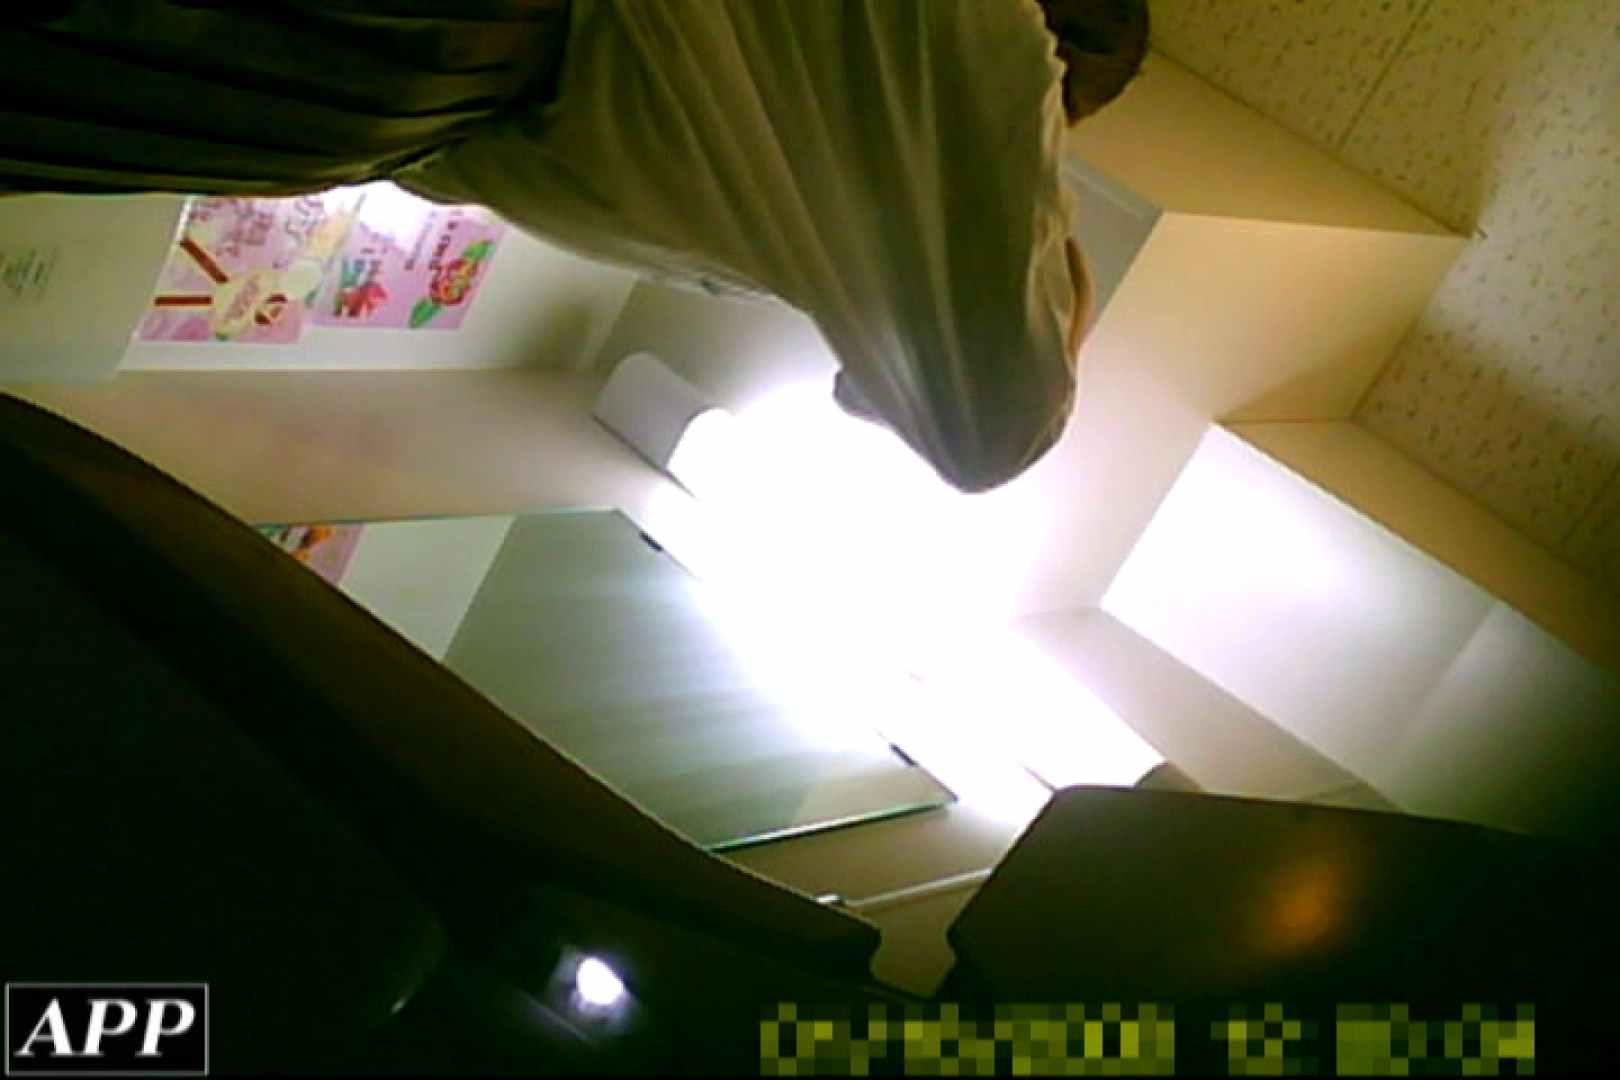 3視点洗面所 vol.128 マンコ・ムレムレ SEX無修正画像 102pic 33